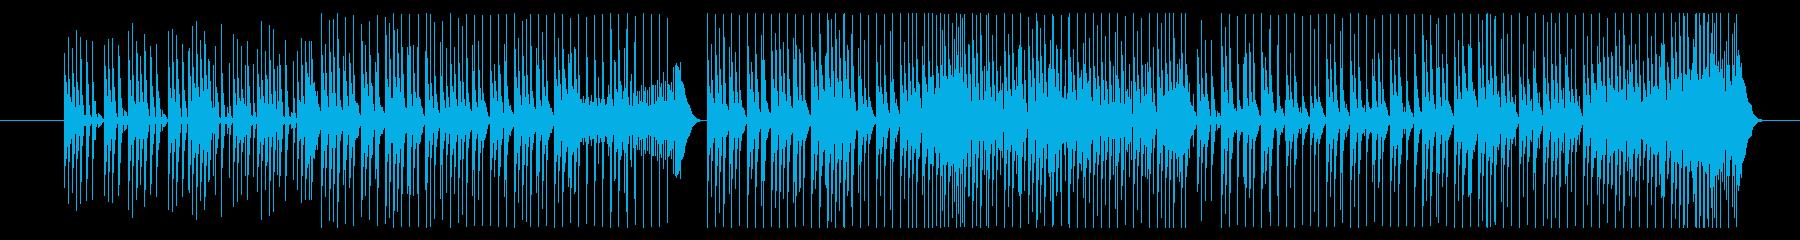 力強い響きでコミカルなメロディーの再生済みの波形